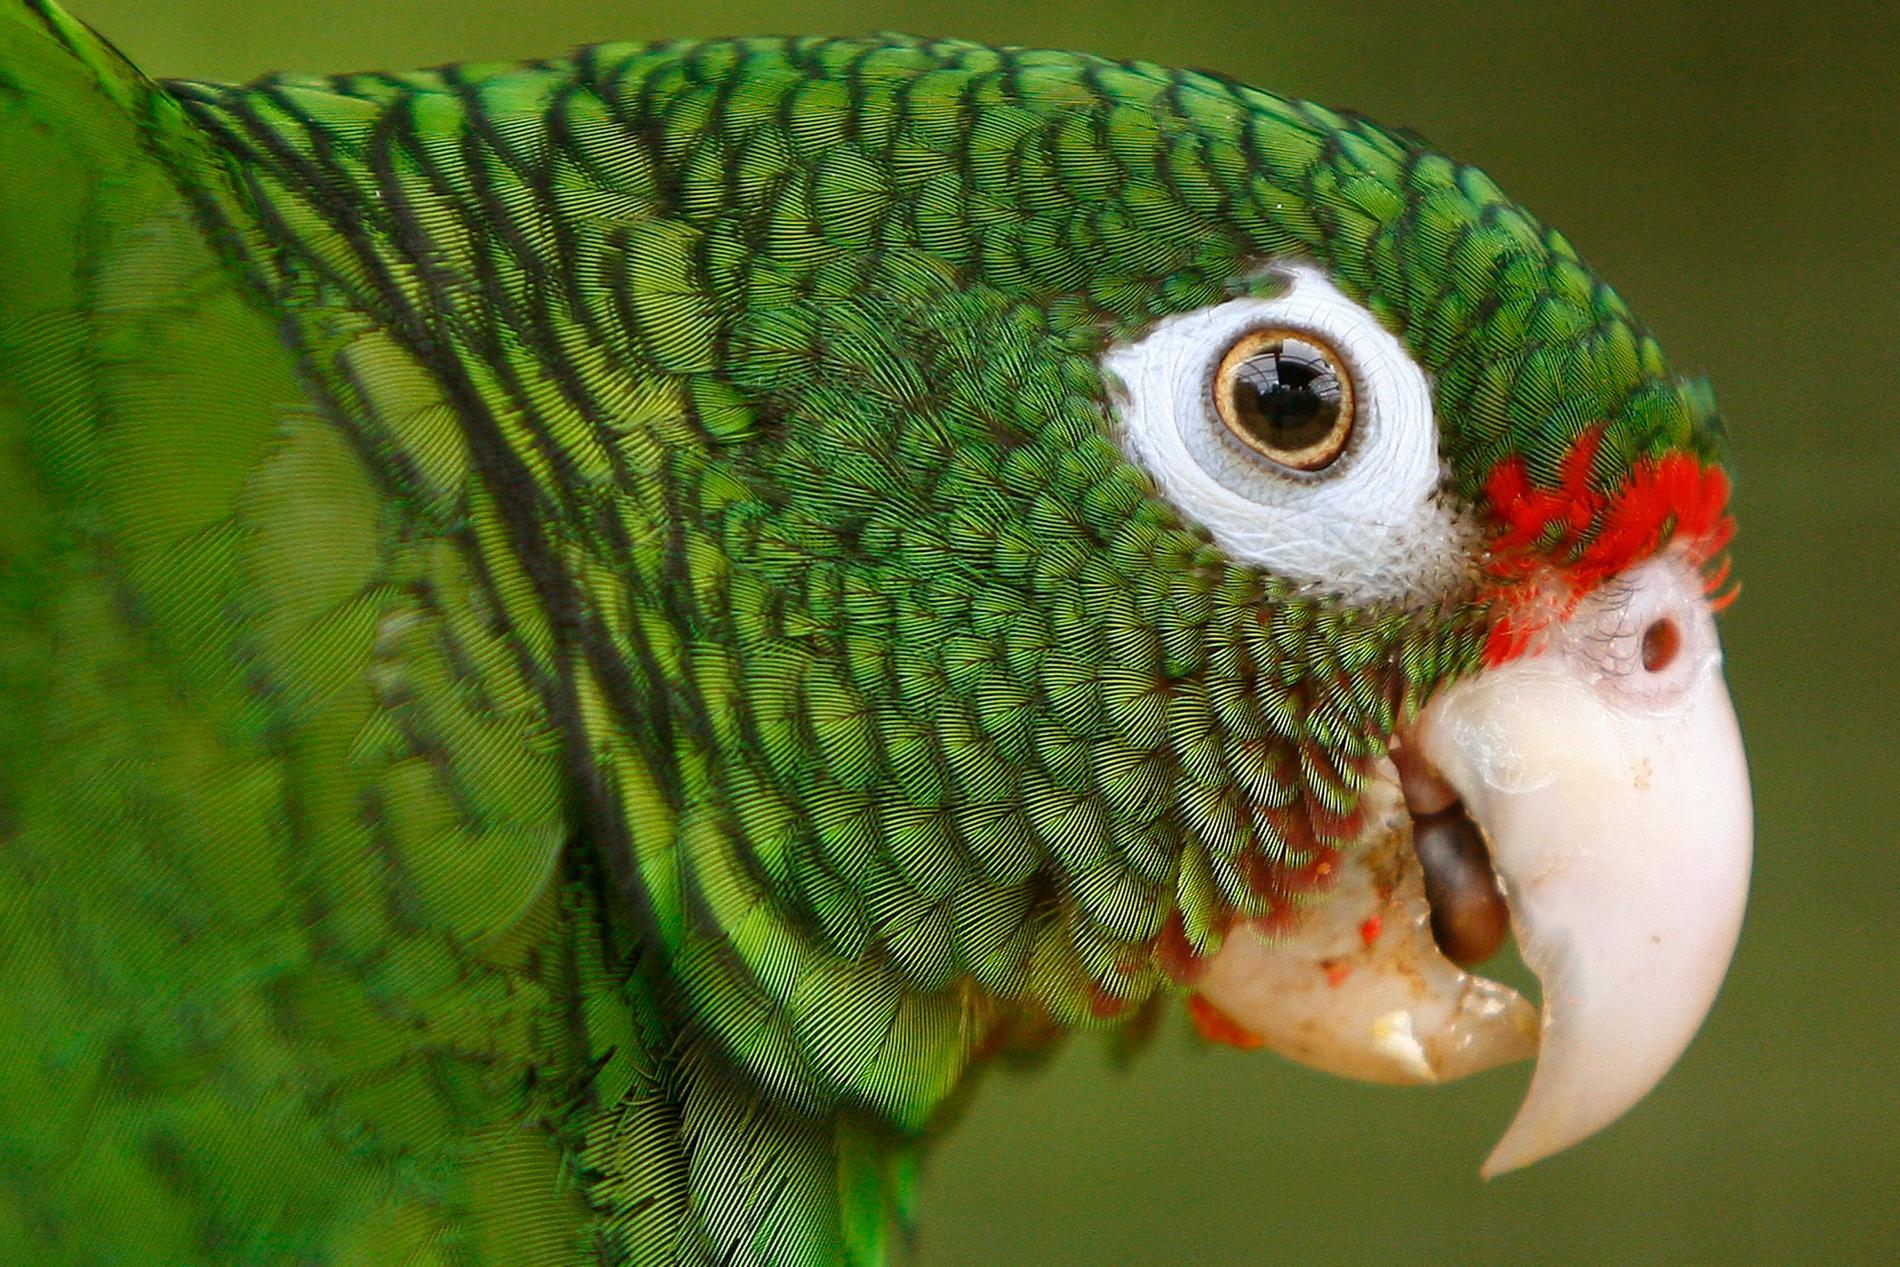 Gråpapegojorna på Lincolnshire Wildlife Park är fula i munnen. Papegojan på bilden är dock av en annan sort och har inget med svordomarna att göra. Arkivbild.